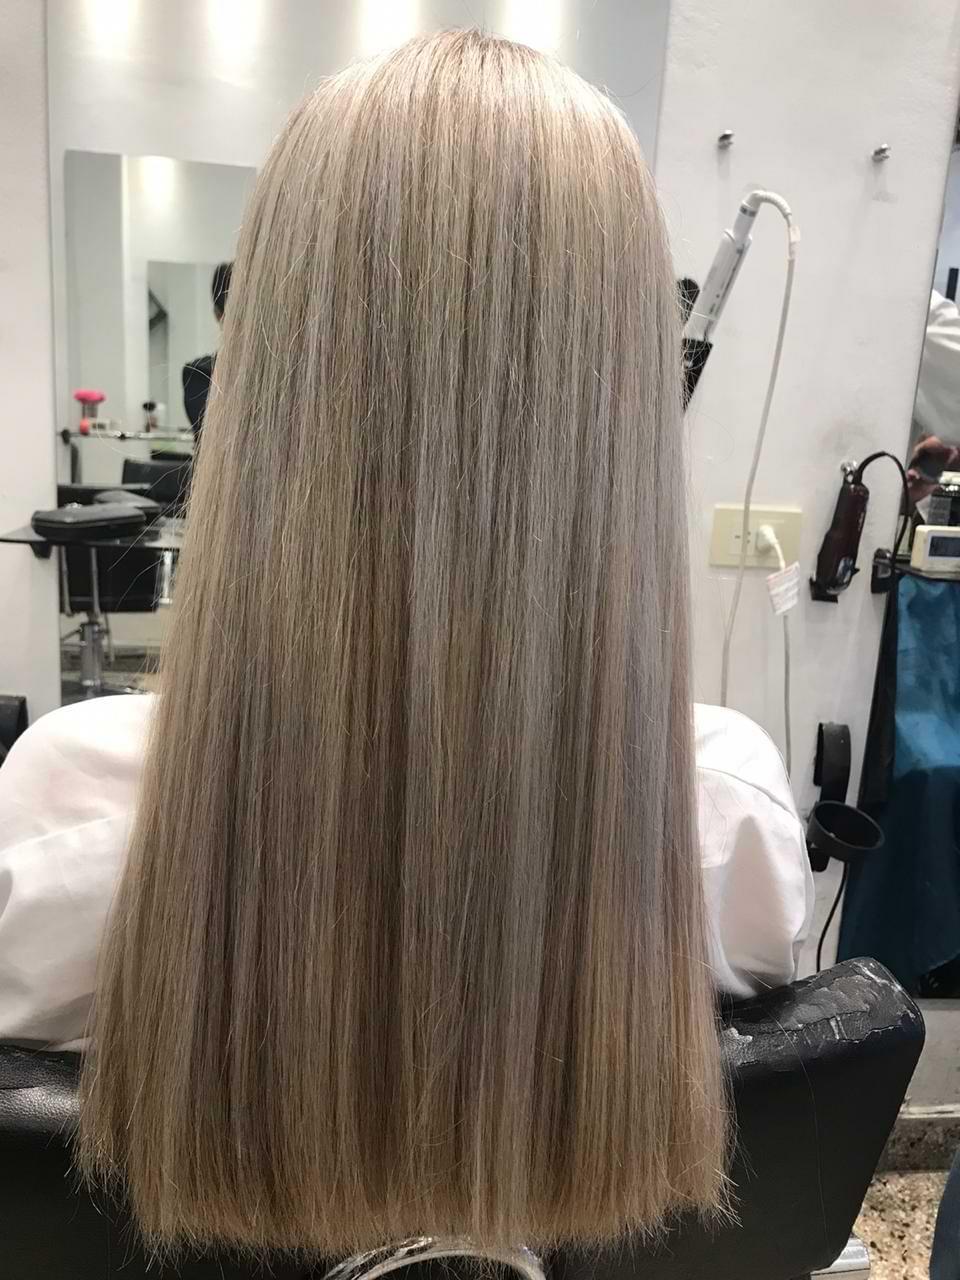 Corte de pelo largo para dama y alisado perfecto